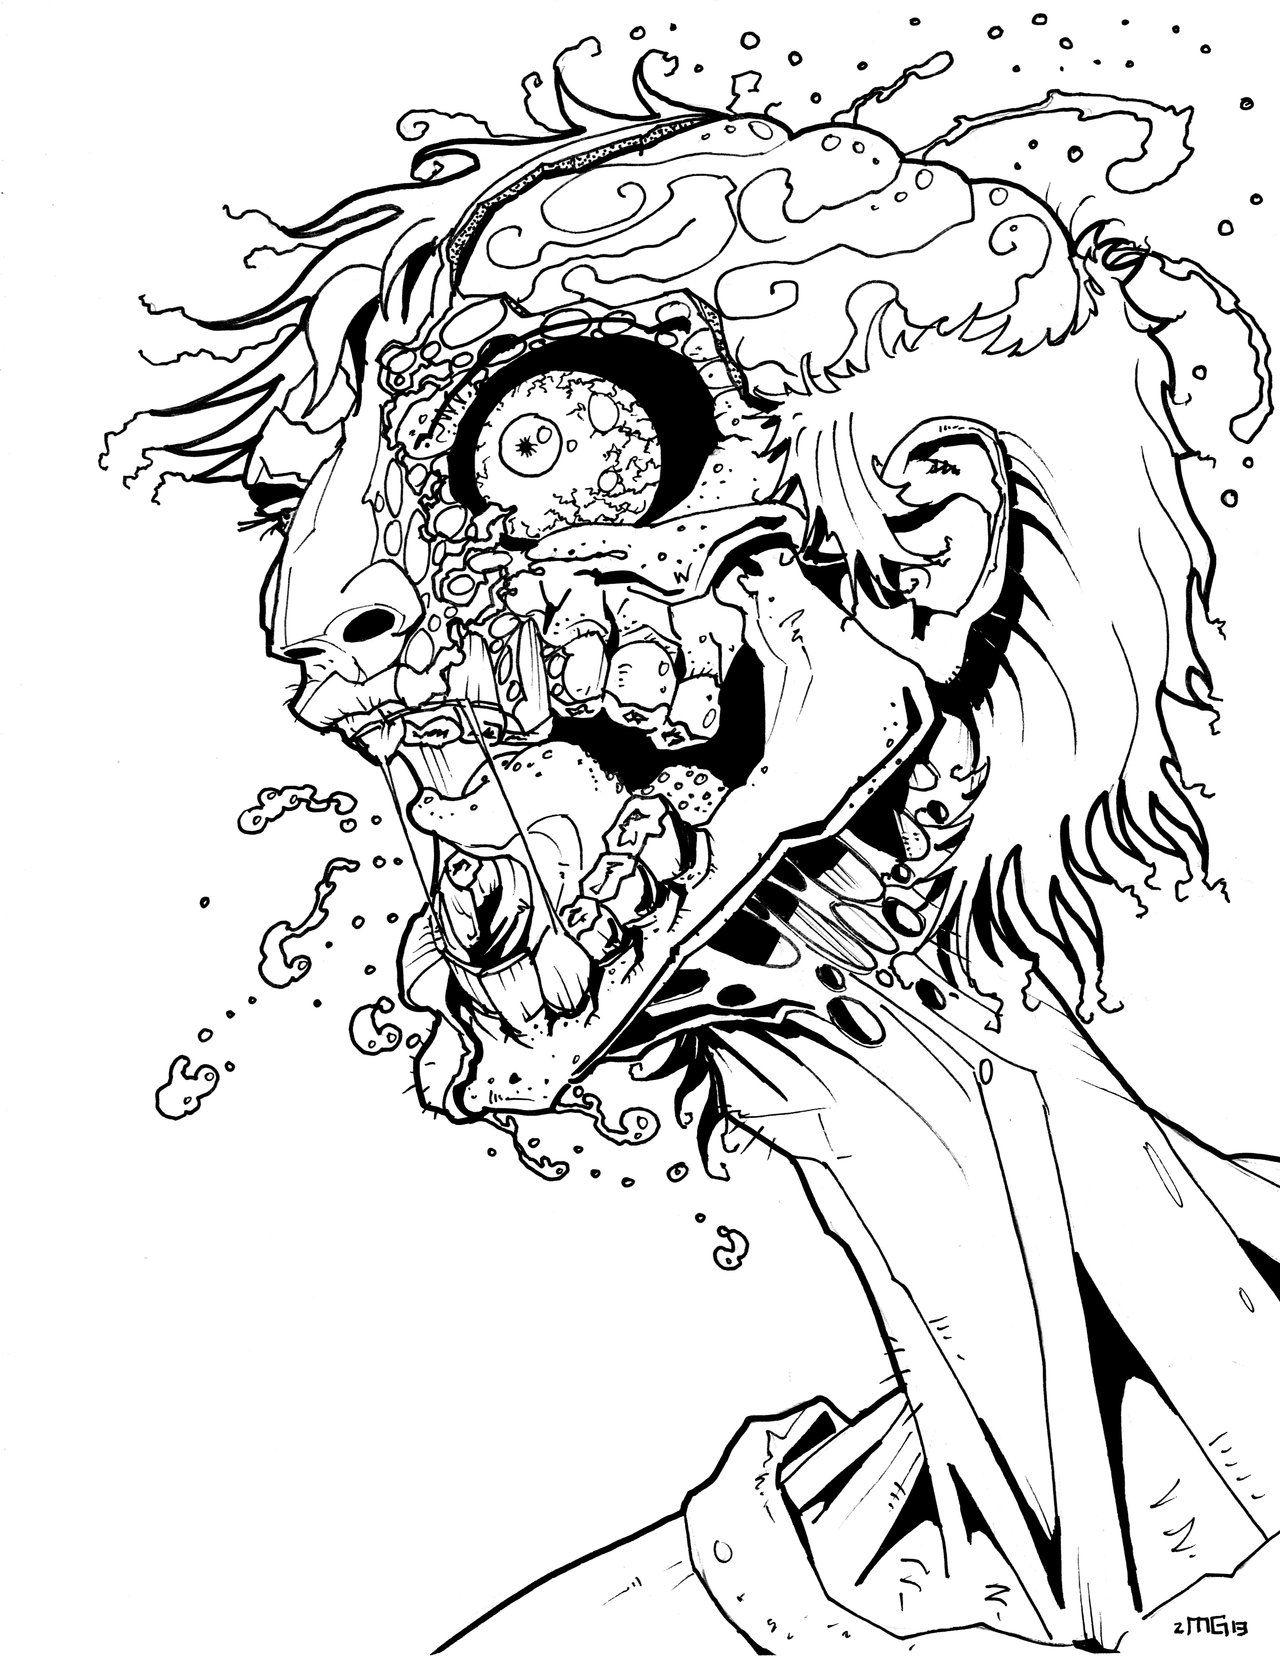 Zombie Rage by MatthewGentry.deviantart.com on @deviantART